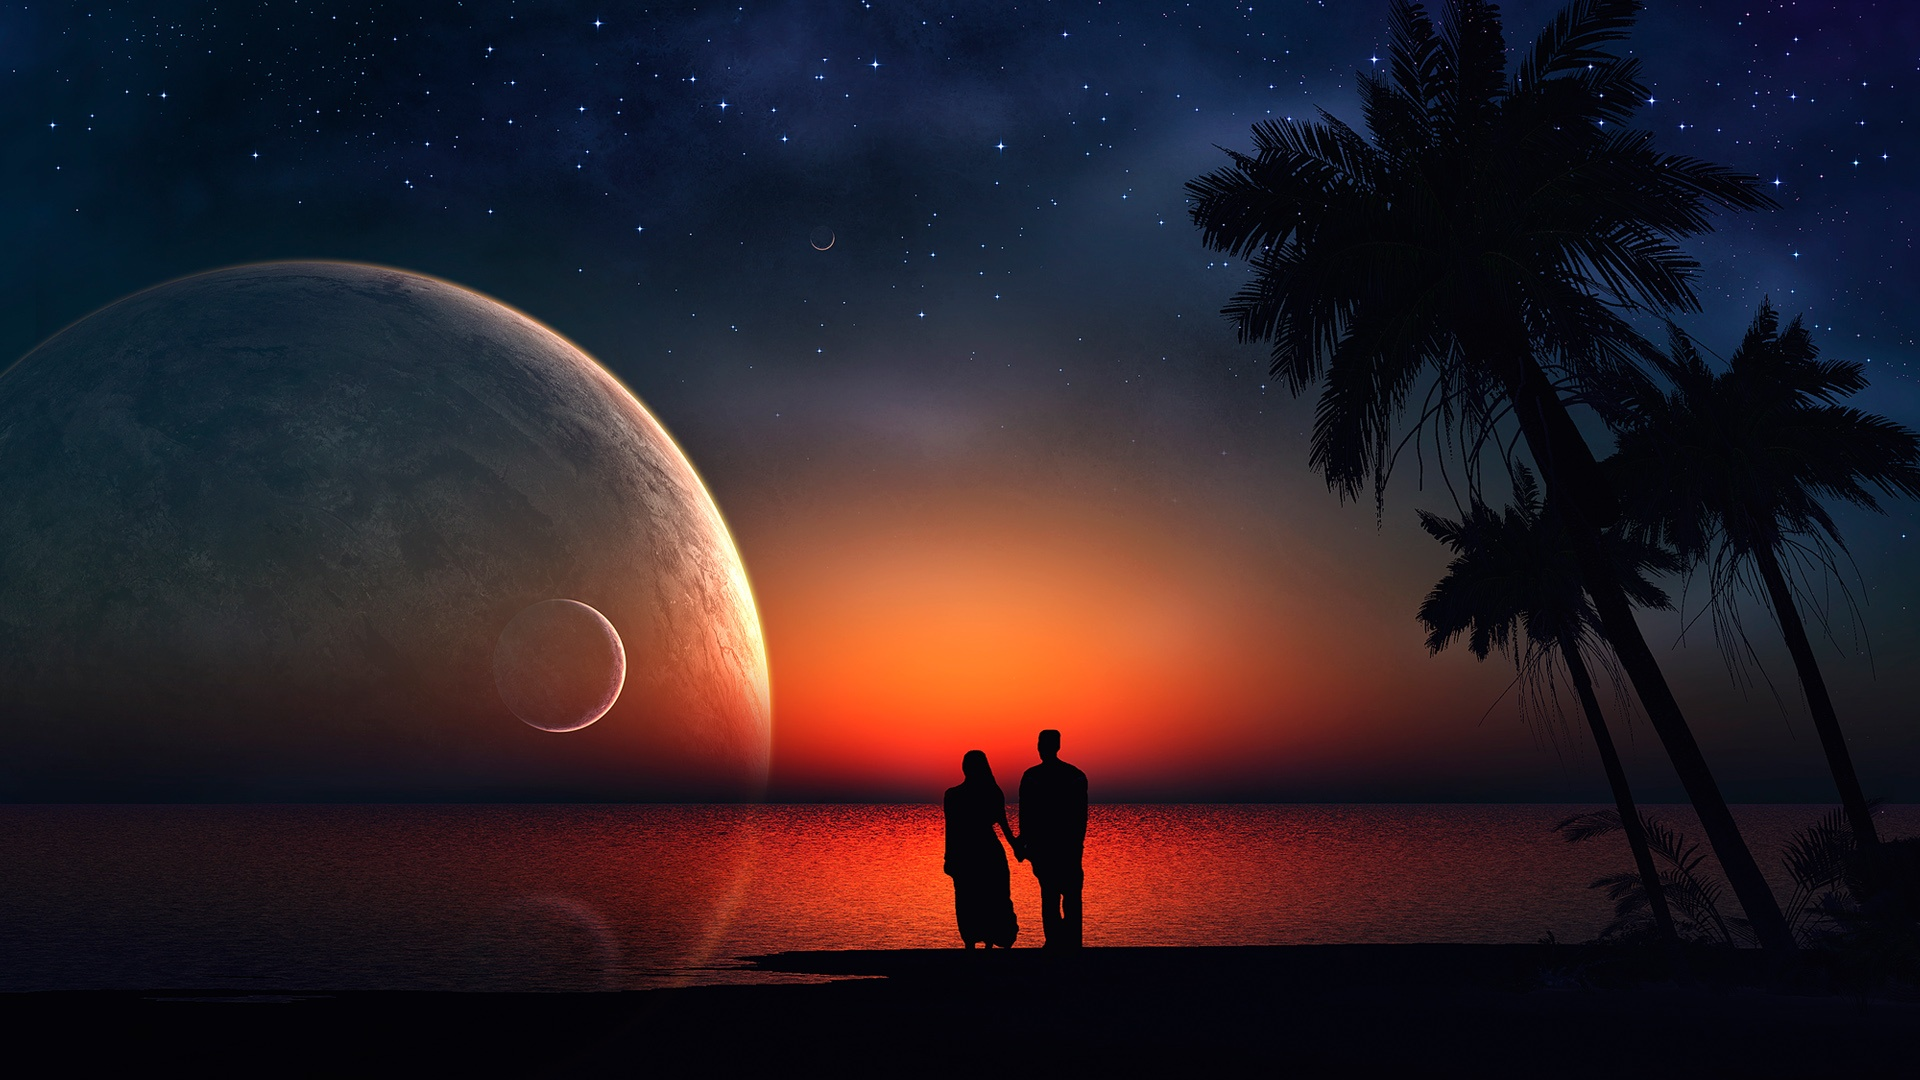 a pair of star crossed lovers